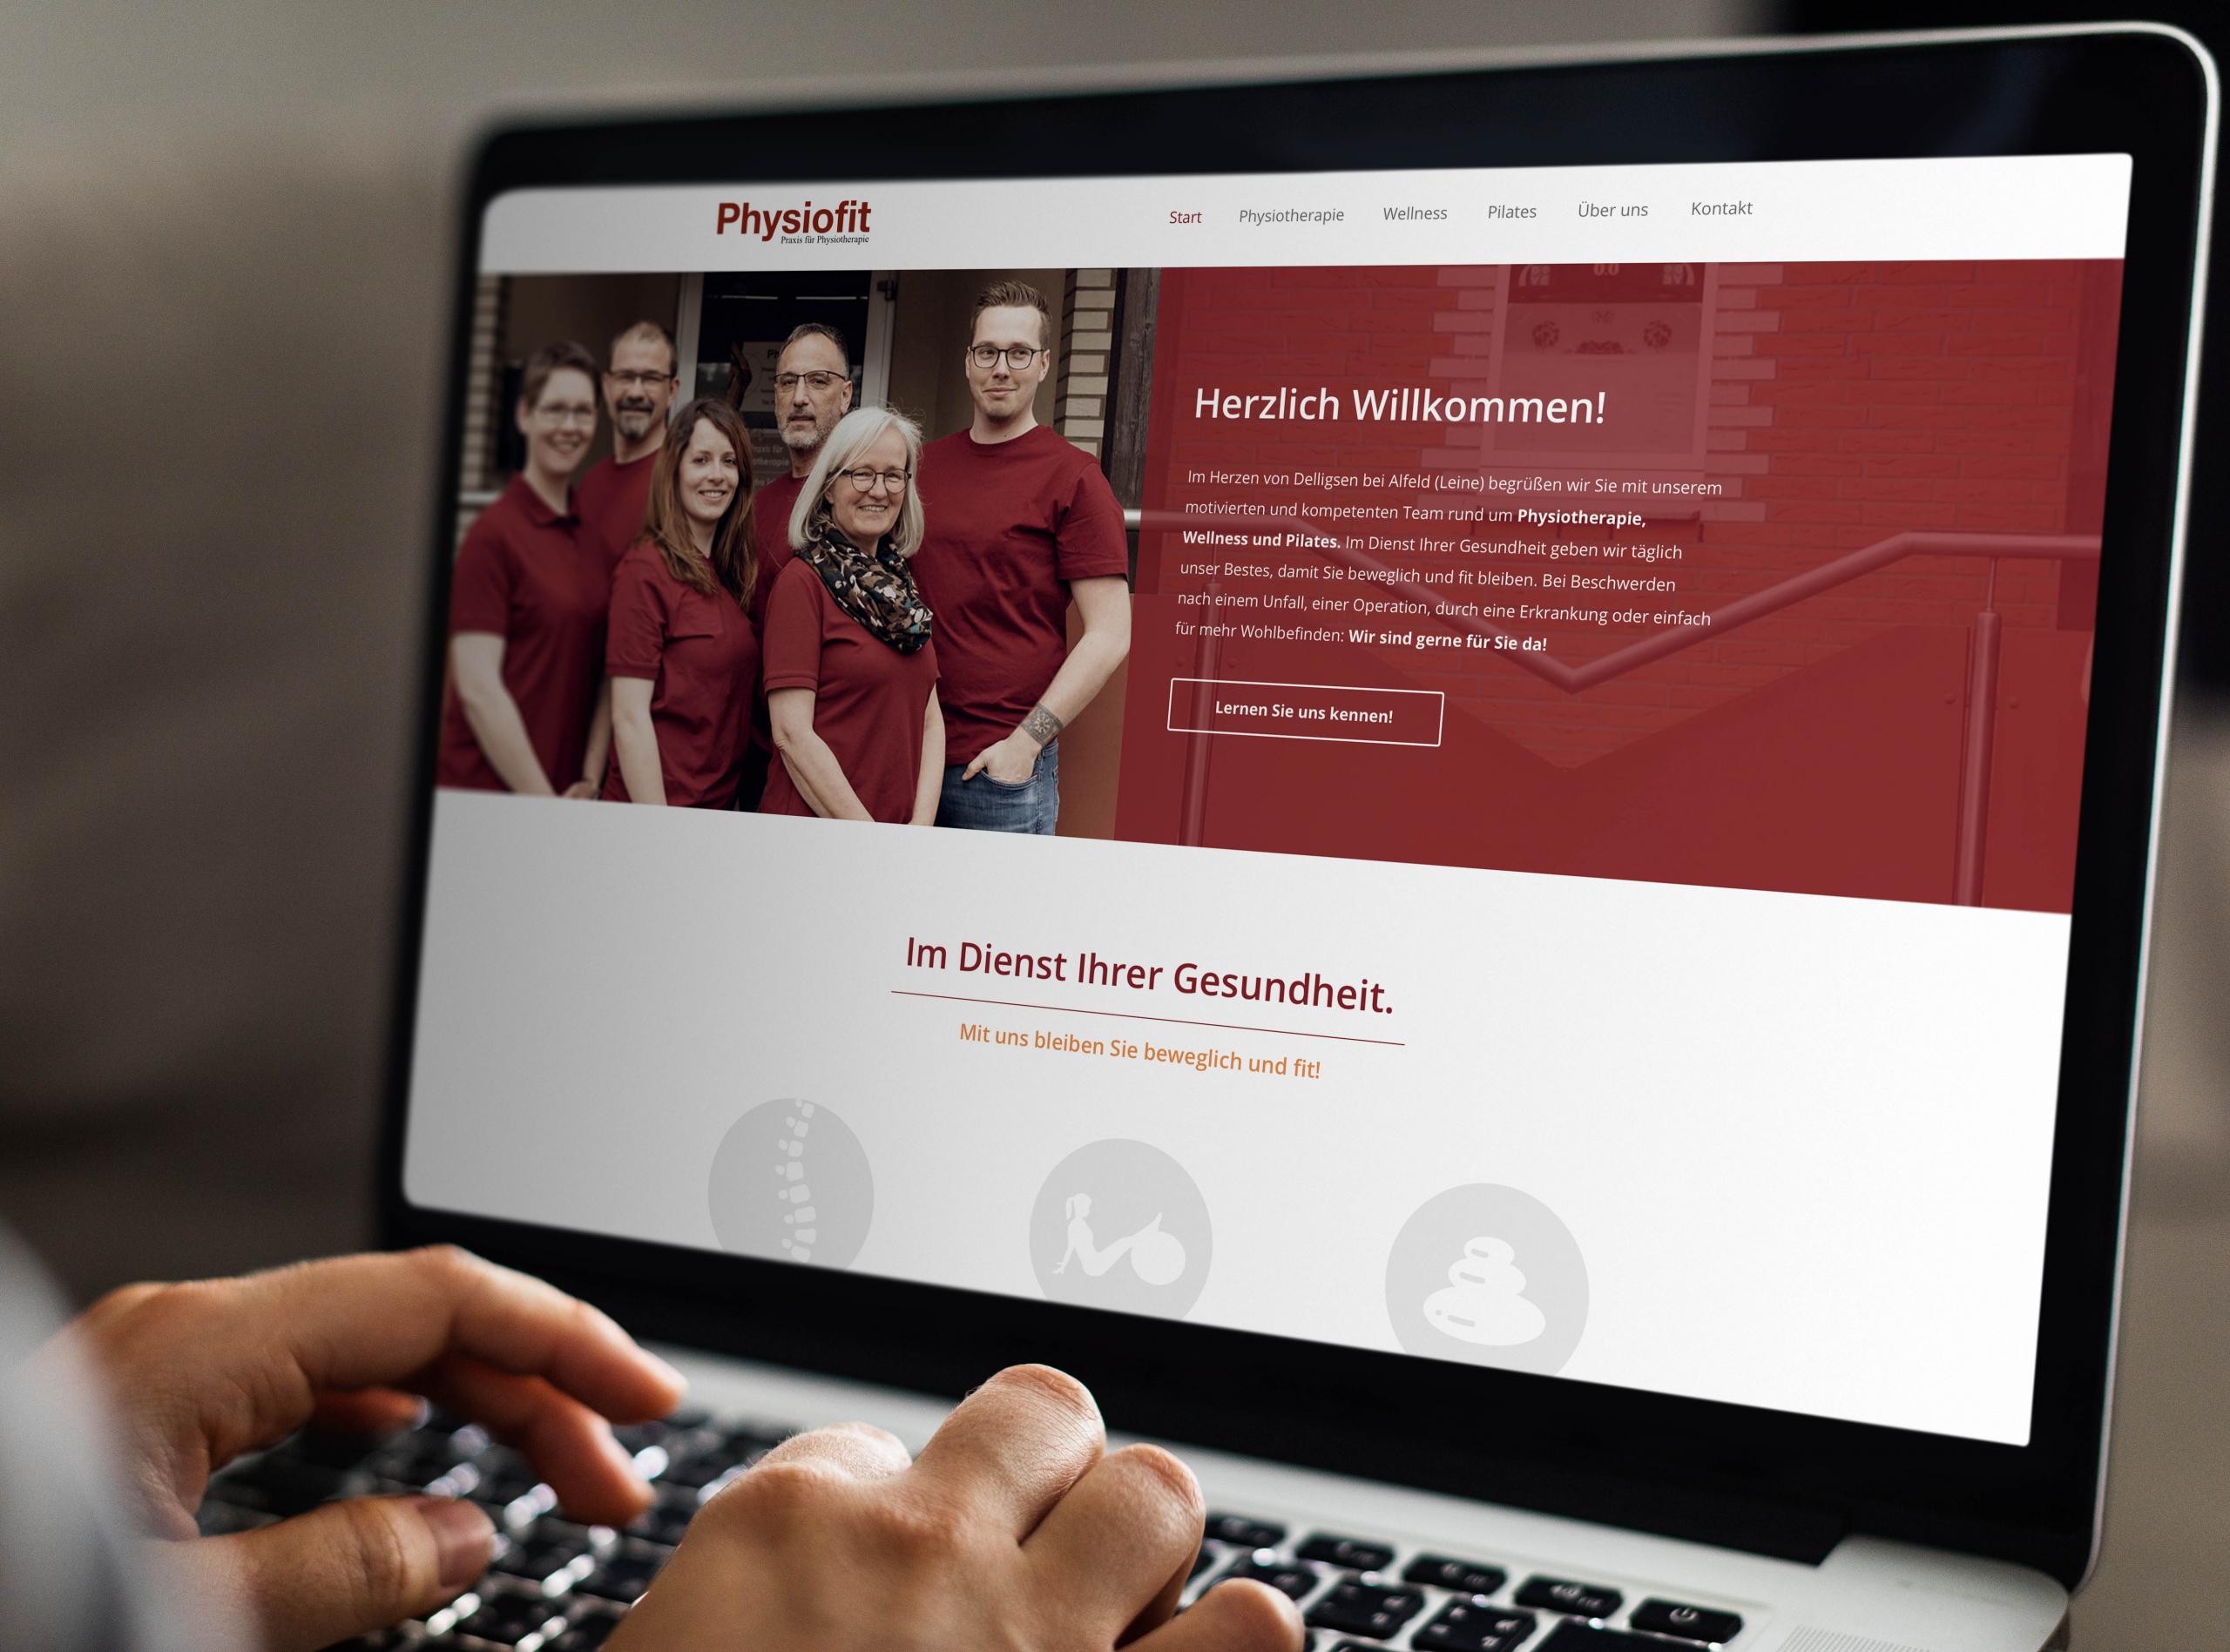 Webdesign für die Physiotherapie-Praxis Physiofit aus Delligsen